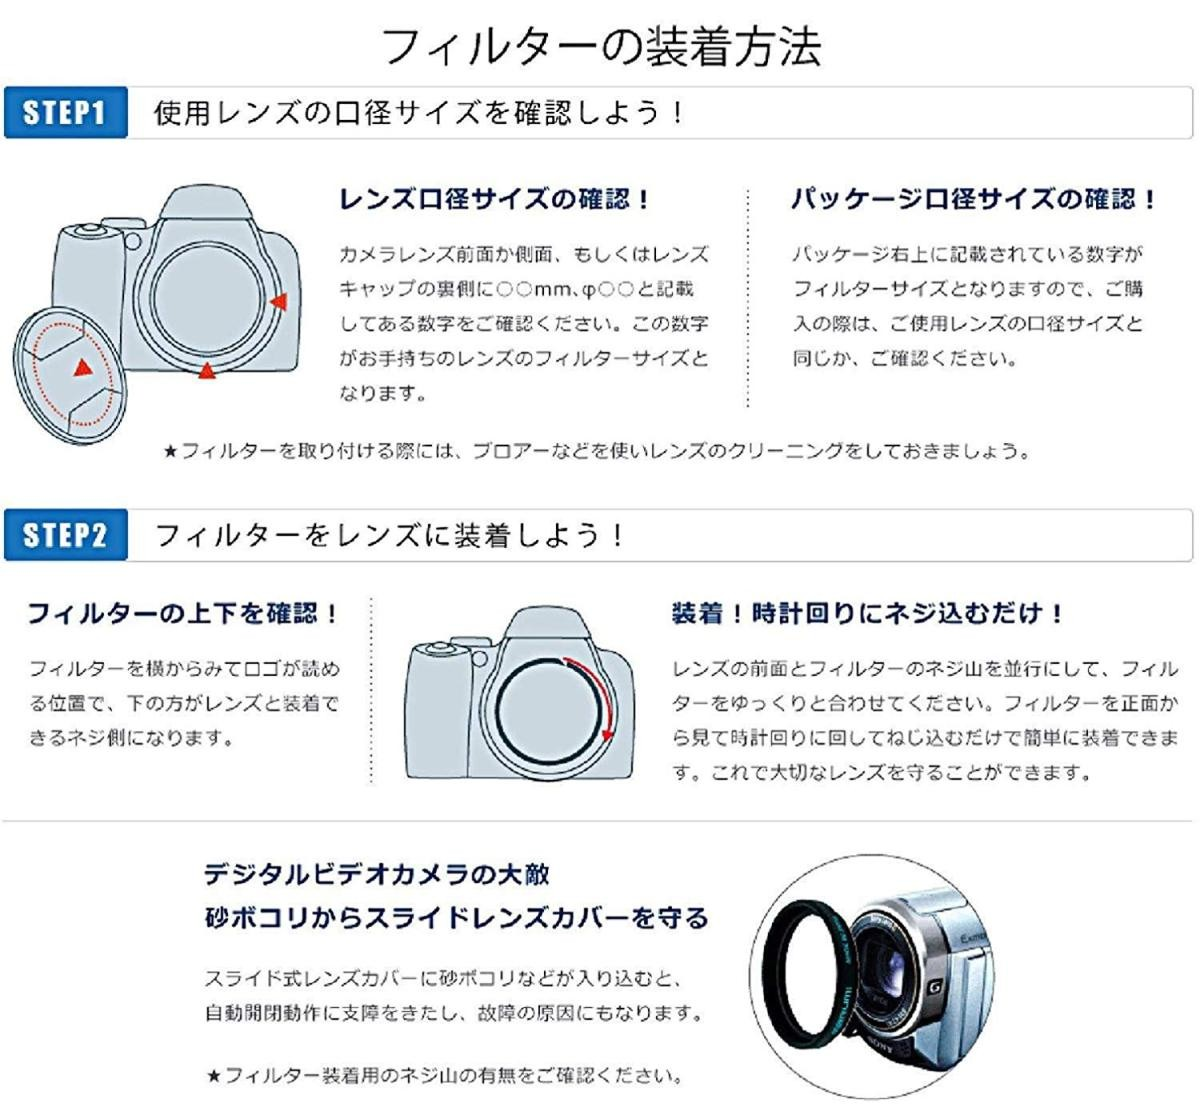 マルミ DHGレンズプロテクト 52mmの商品画像 4